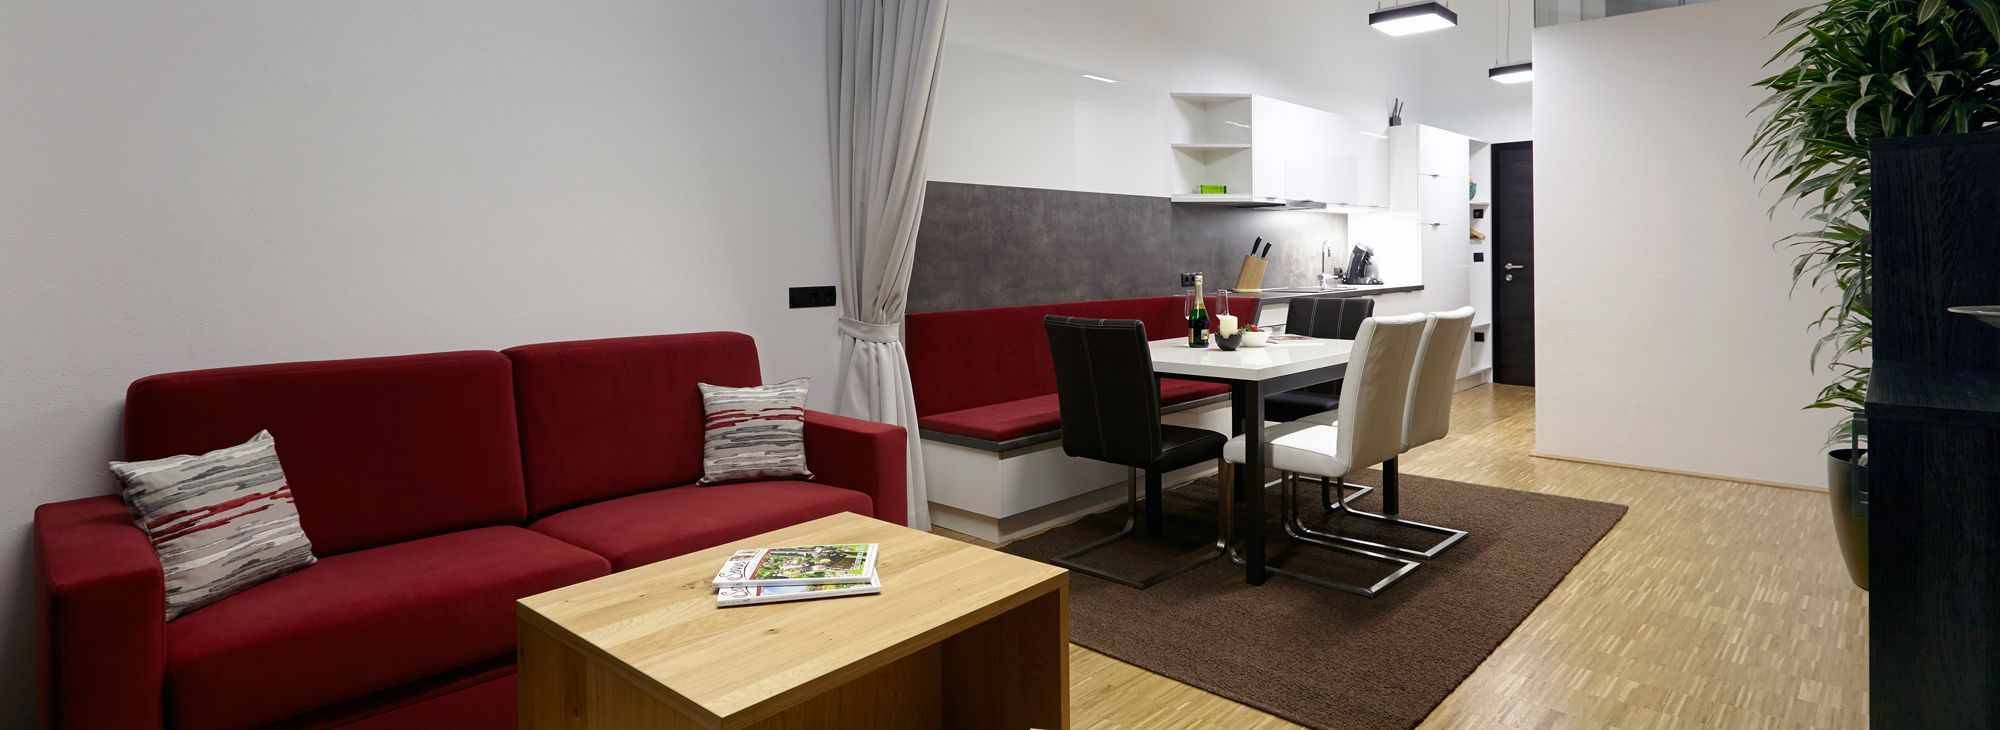 detail - Apartments Thurnbach